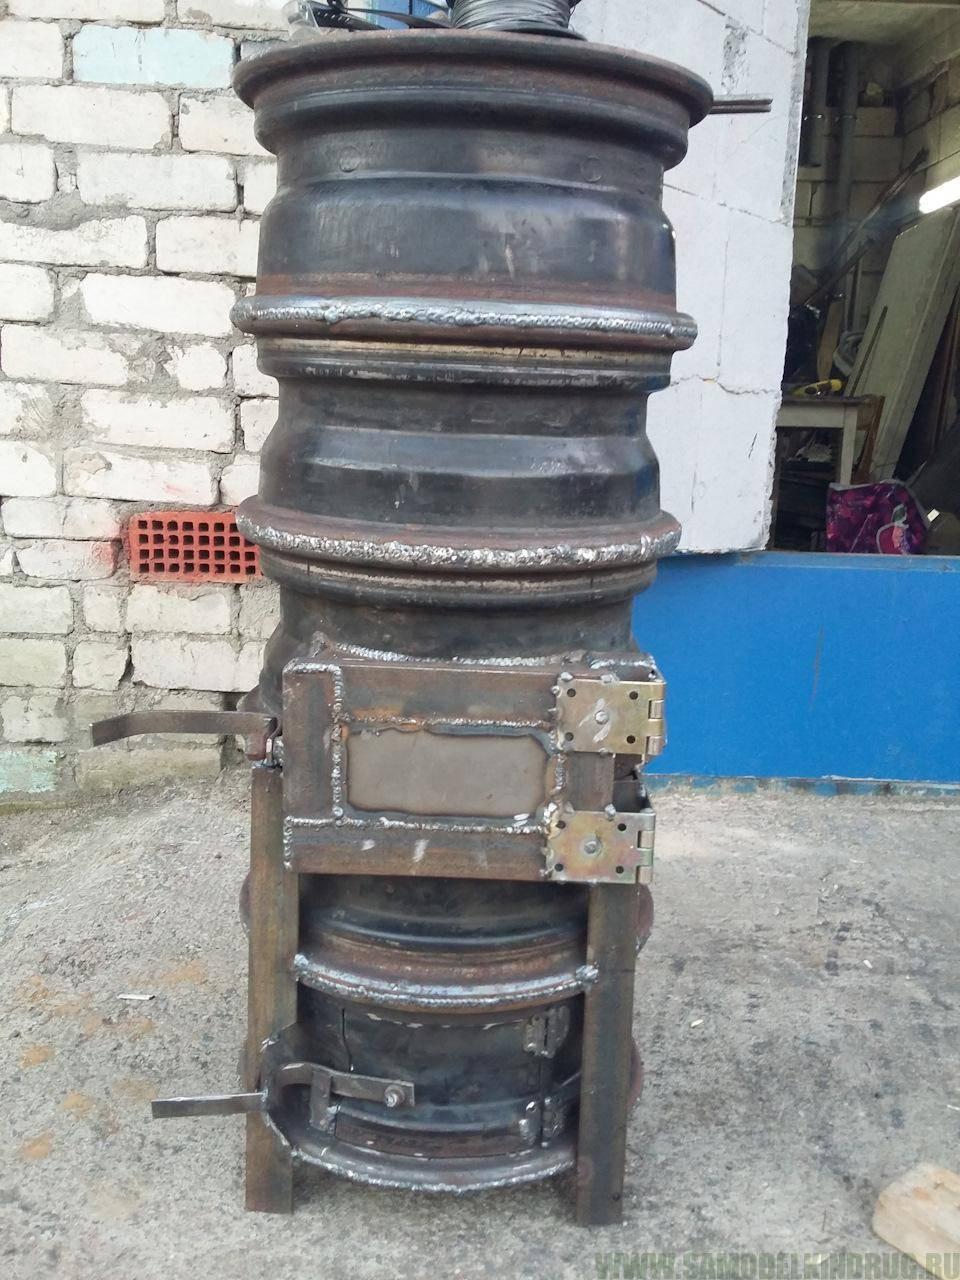 Буржуйка для гаража из старых дисков: подробная инструкция с фотографиями